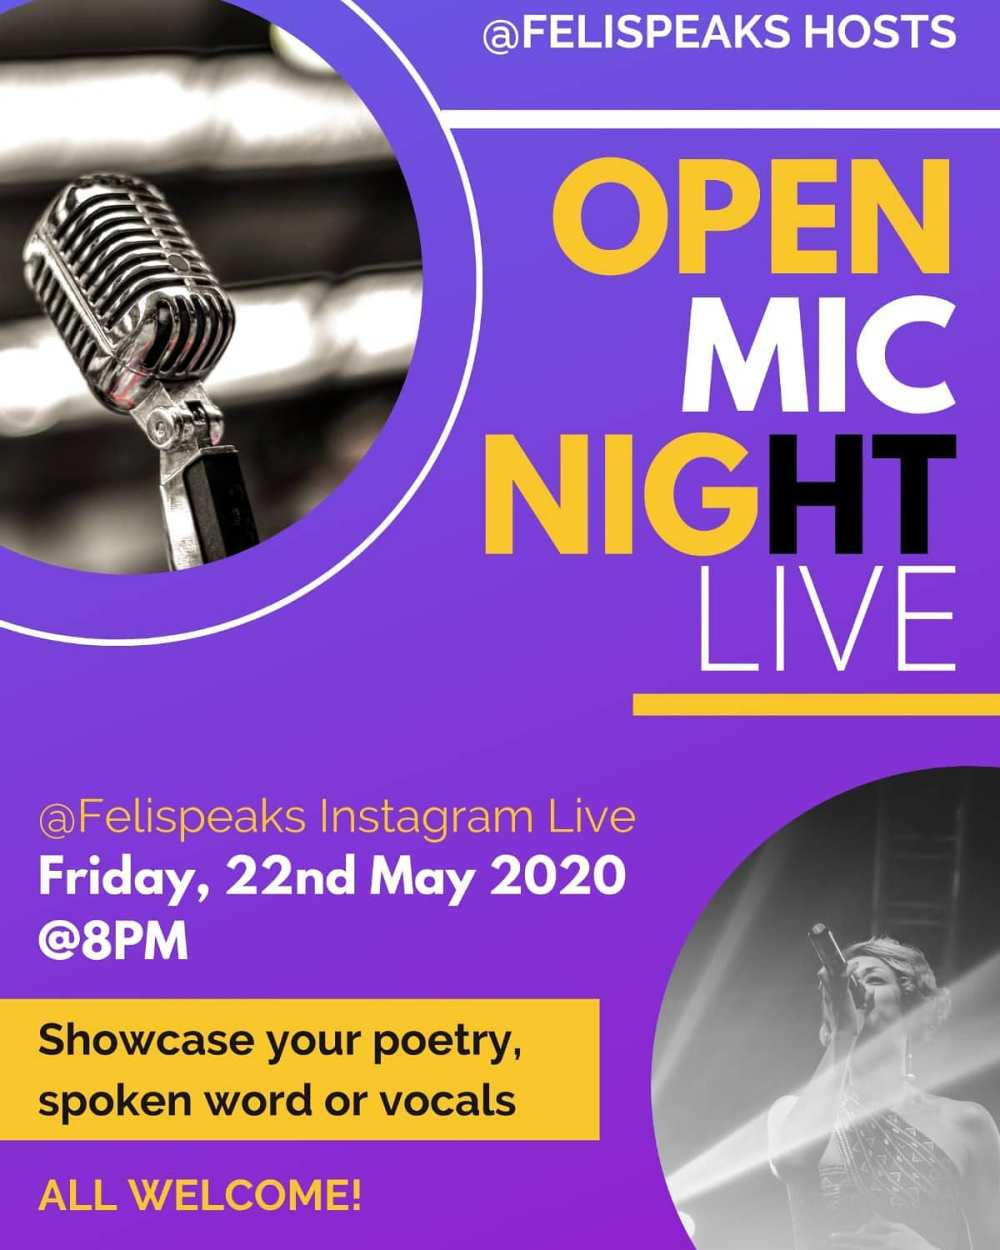 open mic live felispeaks